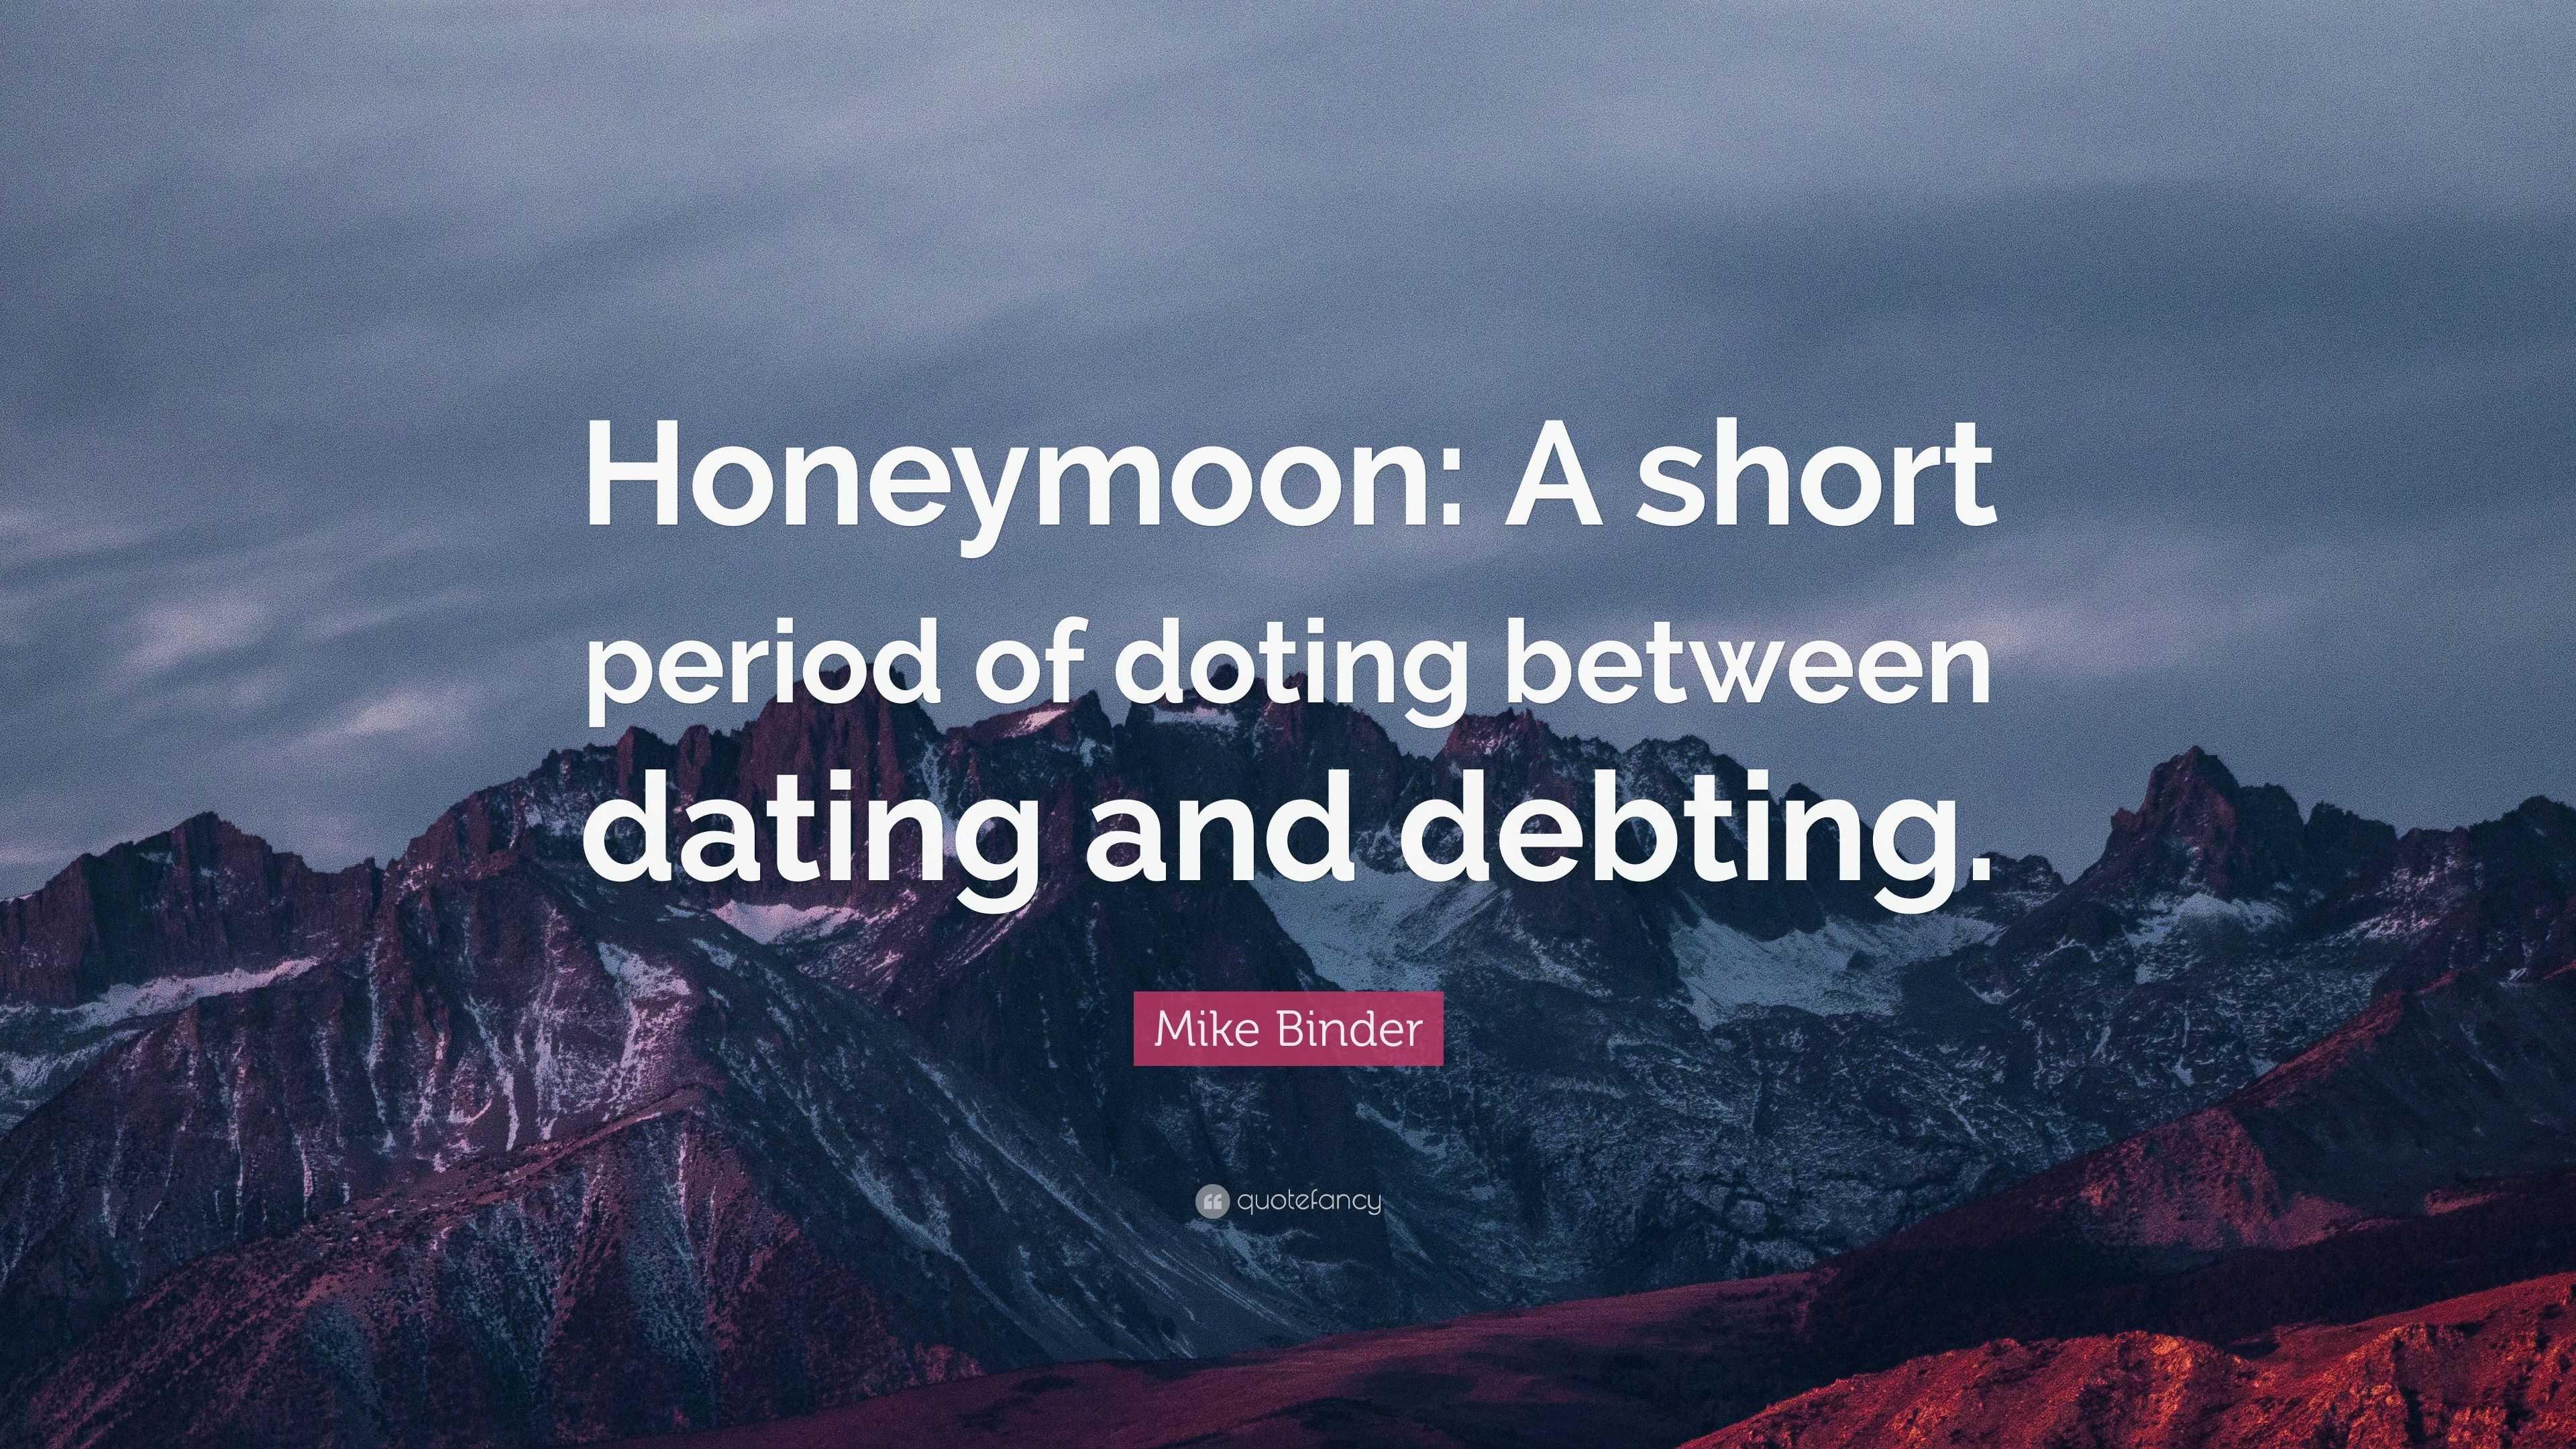 Dating binder